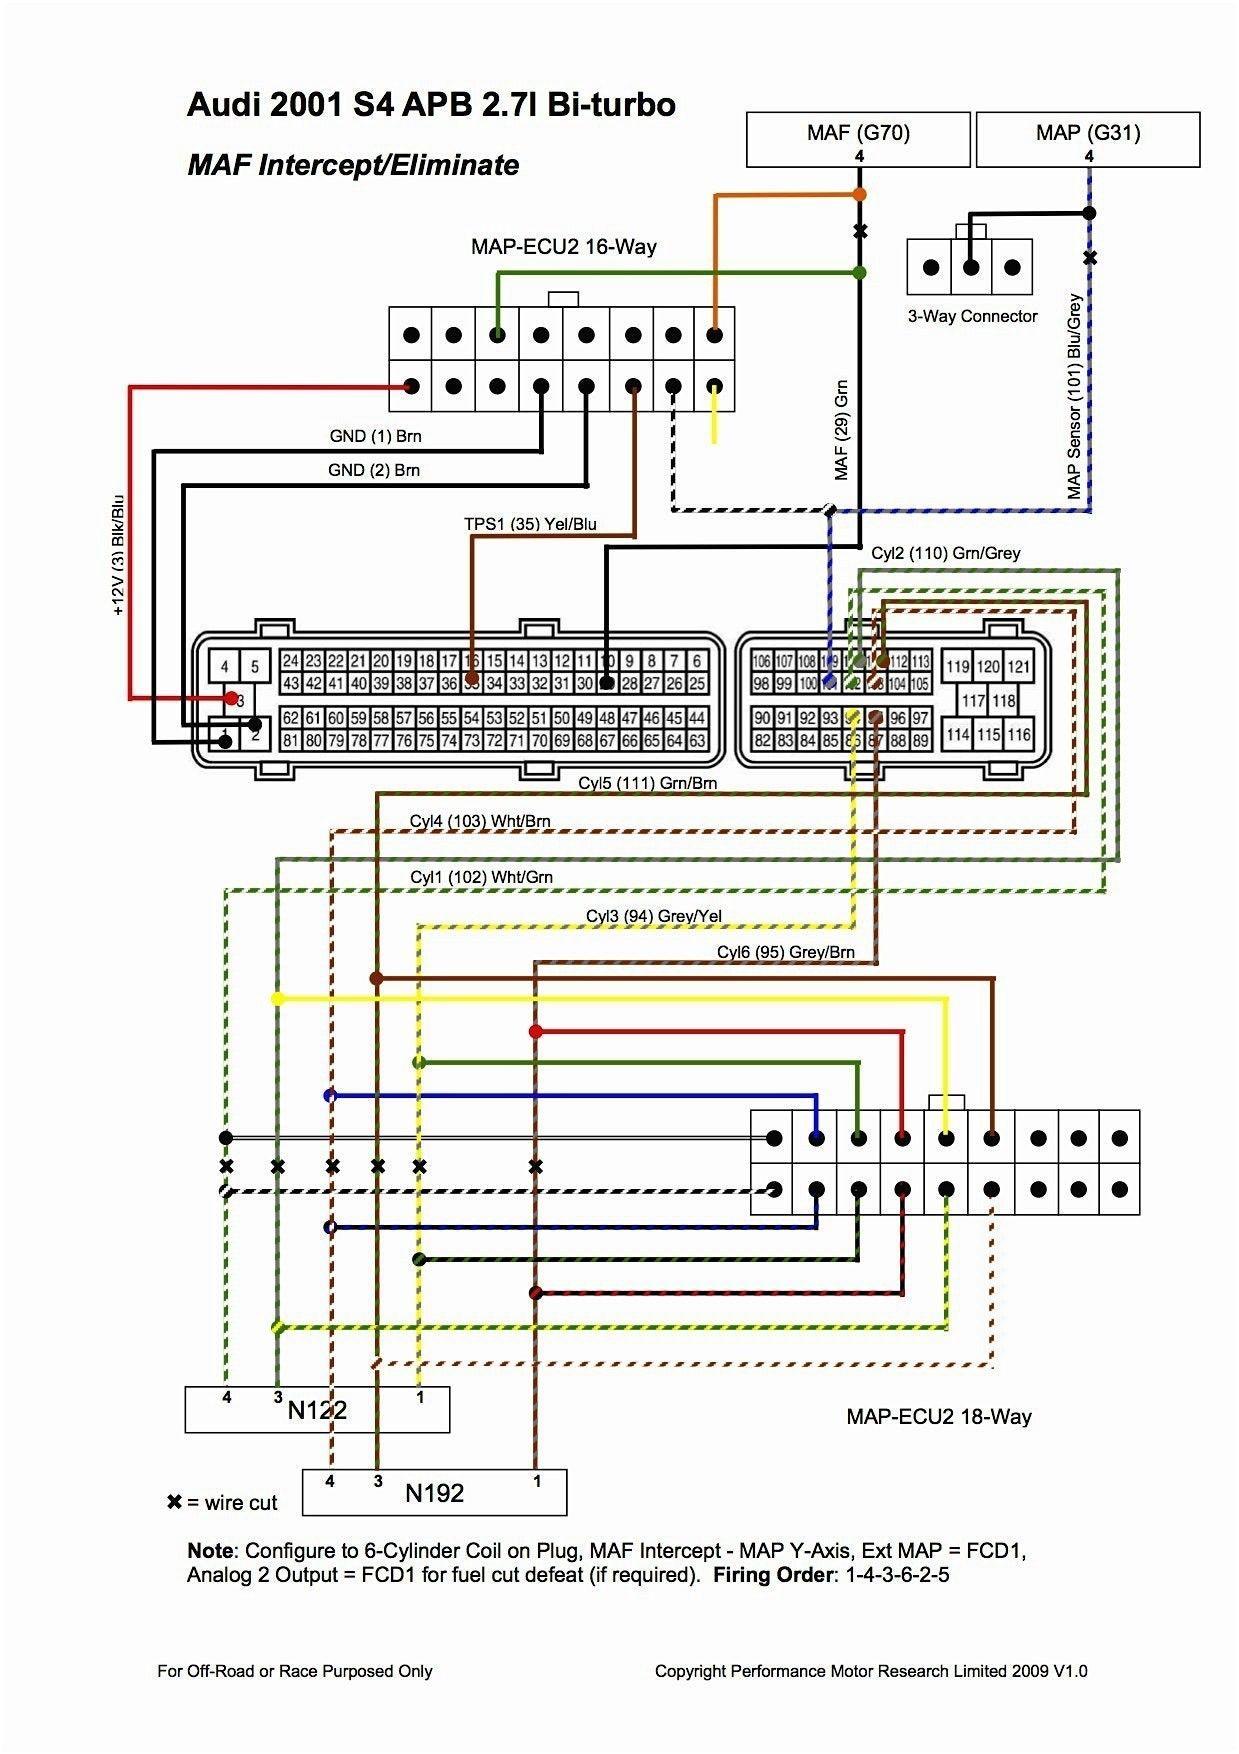 New Bmw E46 Head Unit Wiring Diagram Trailer Wiring Diagram Electrical Wiring Diagram Dodge Ram